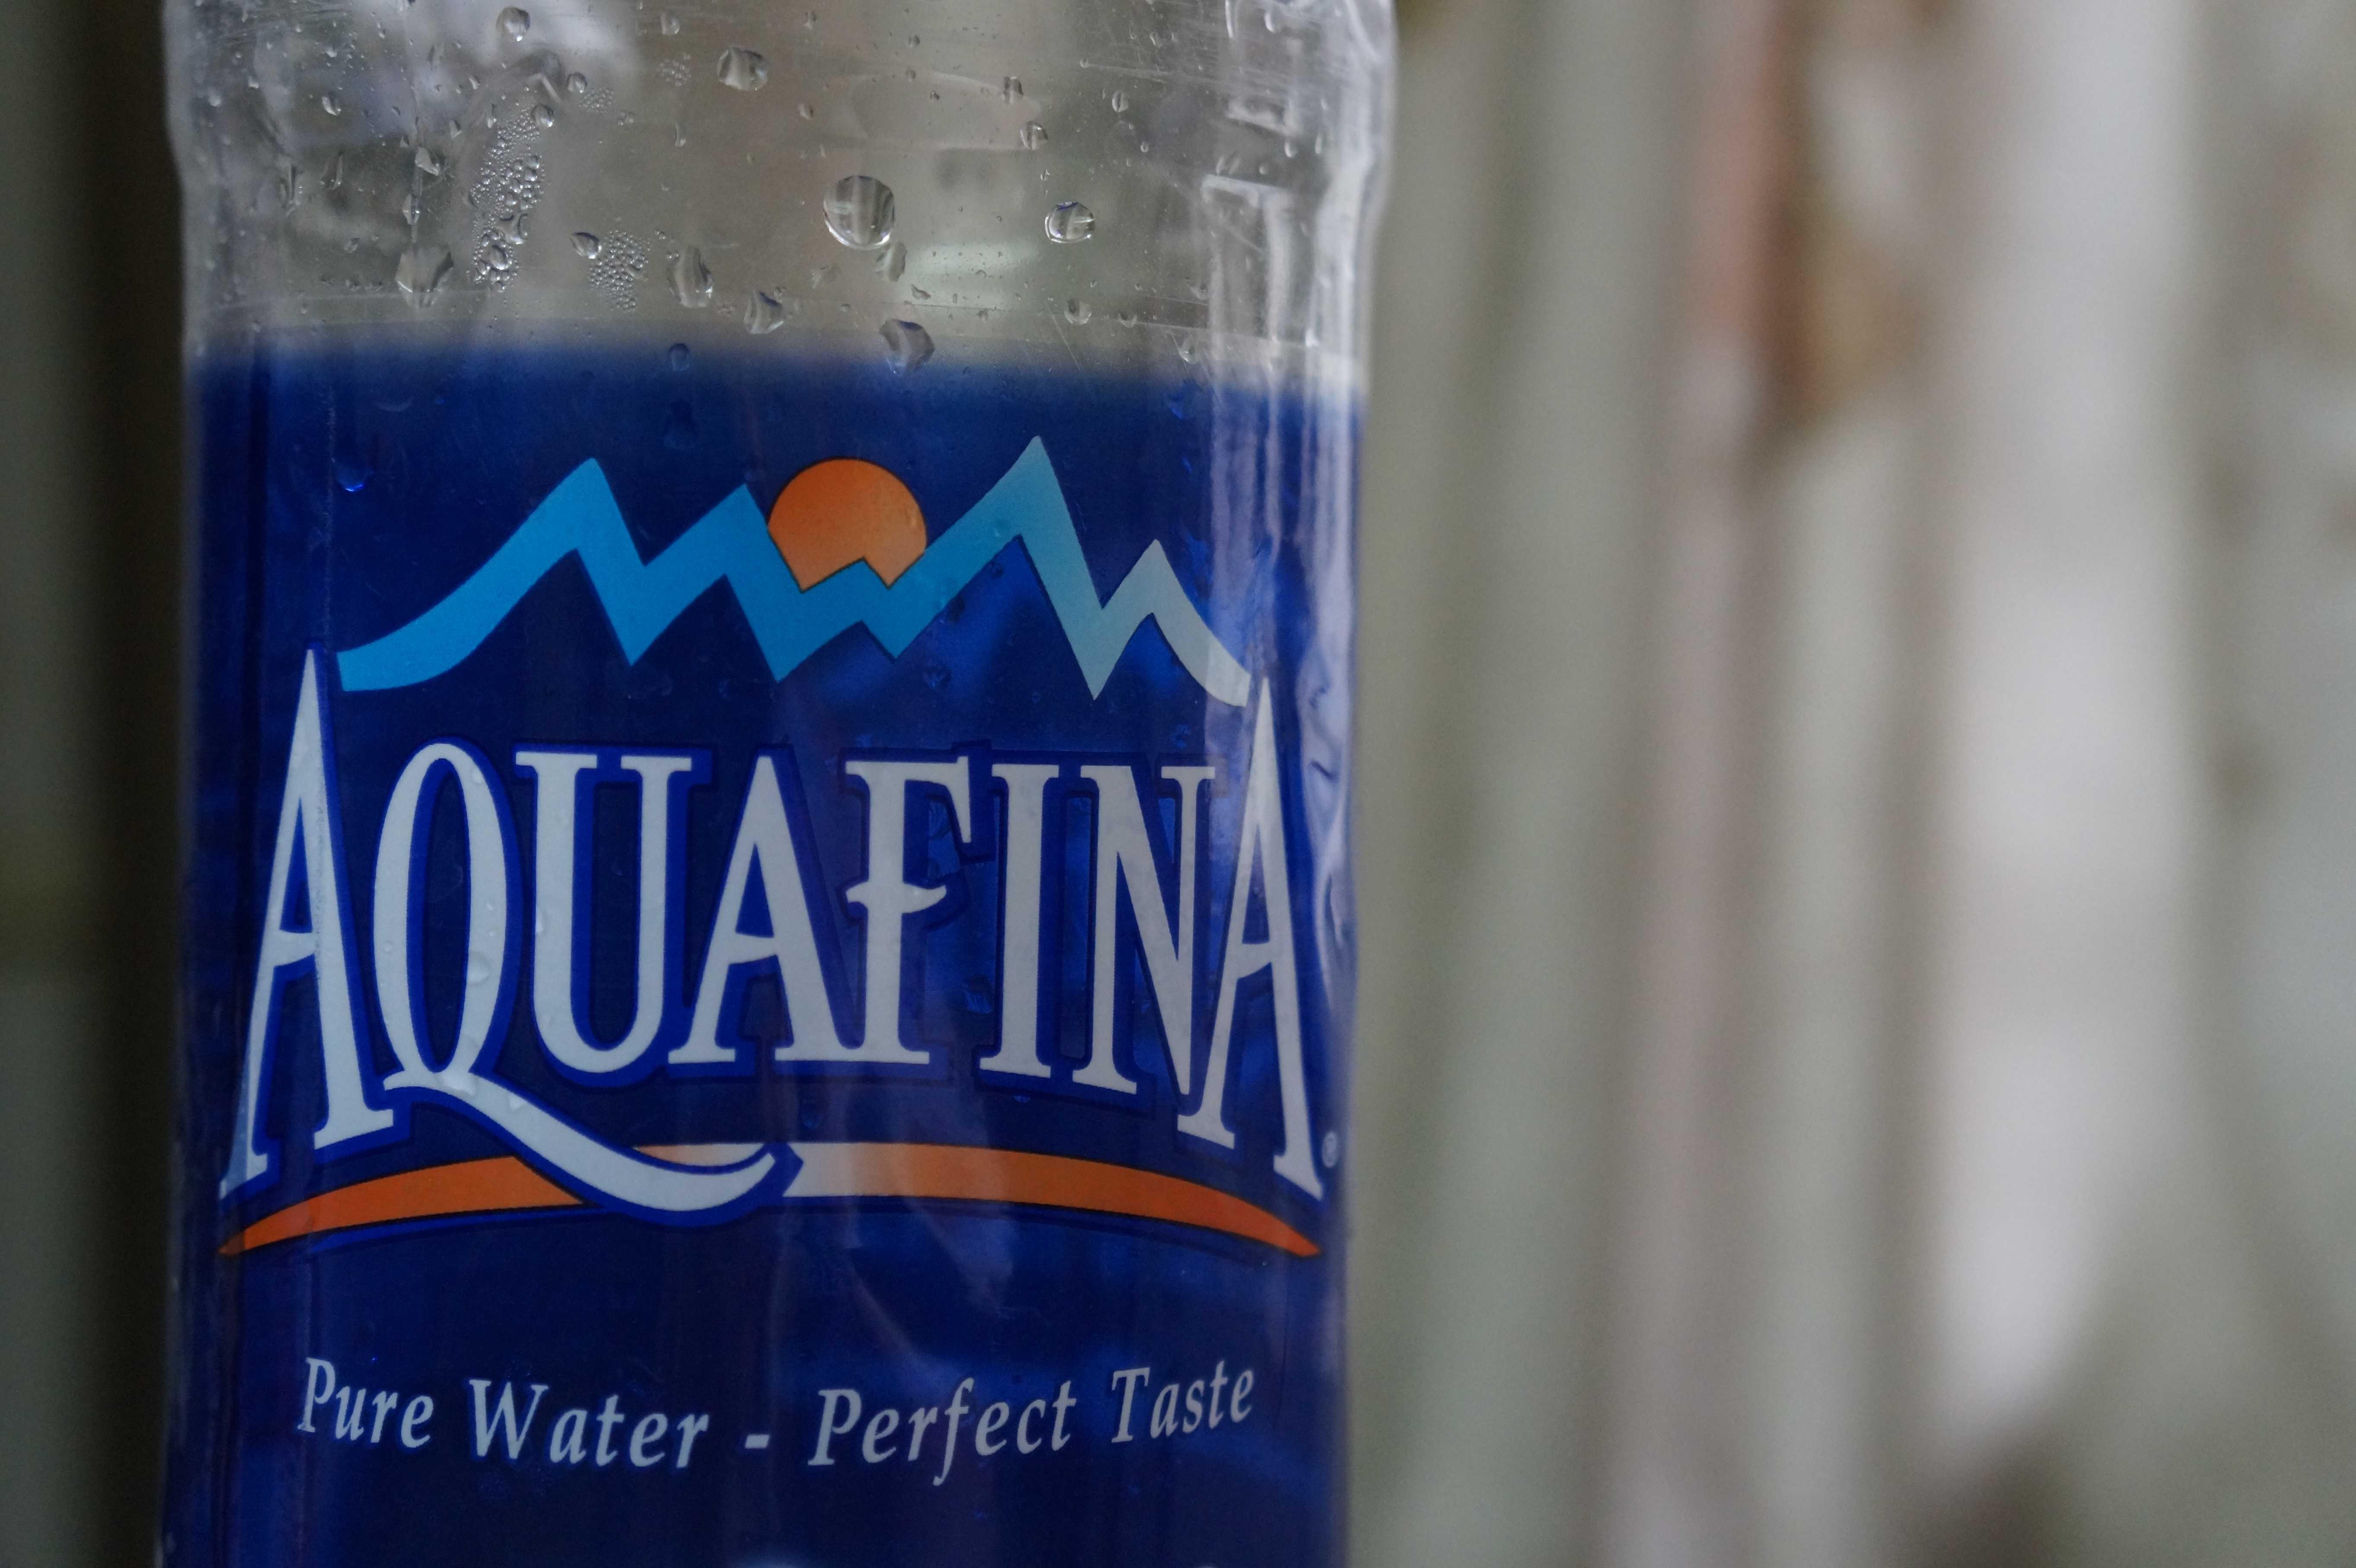 Nhãn chai Aquafina chỉ ghi